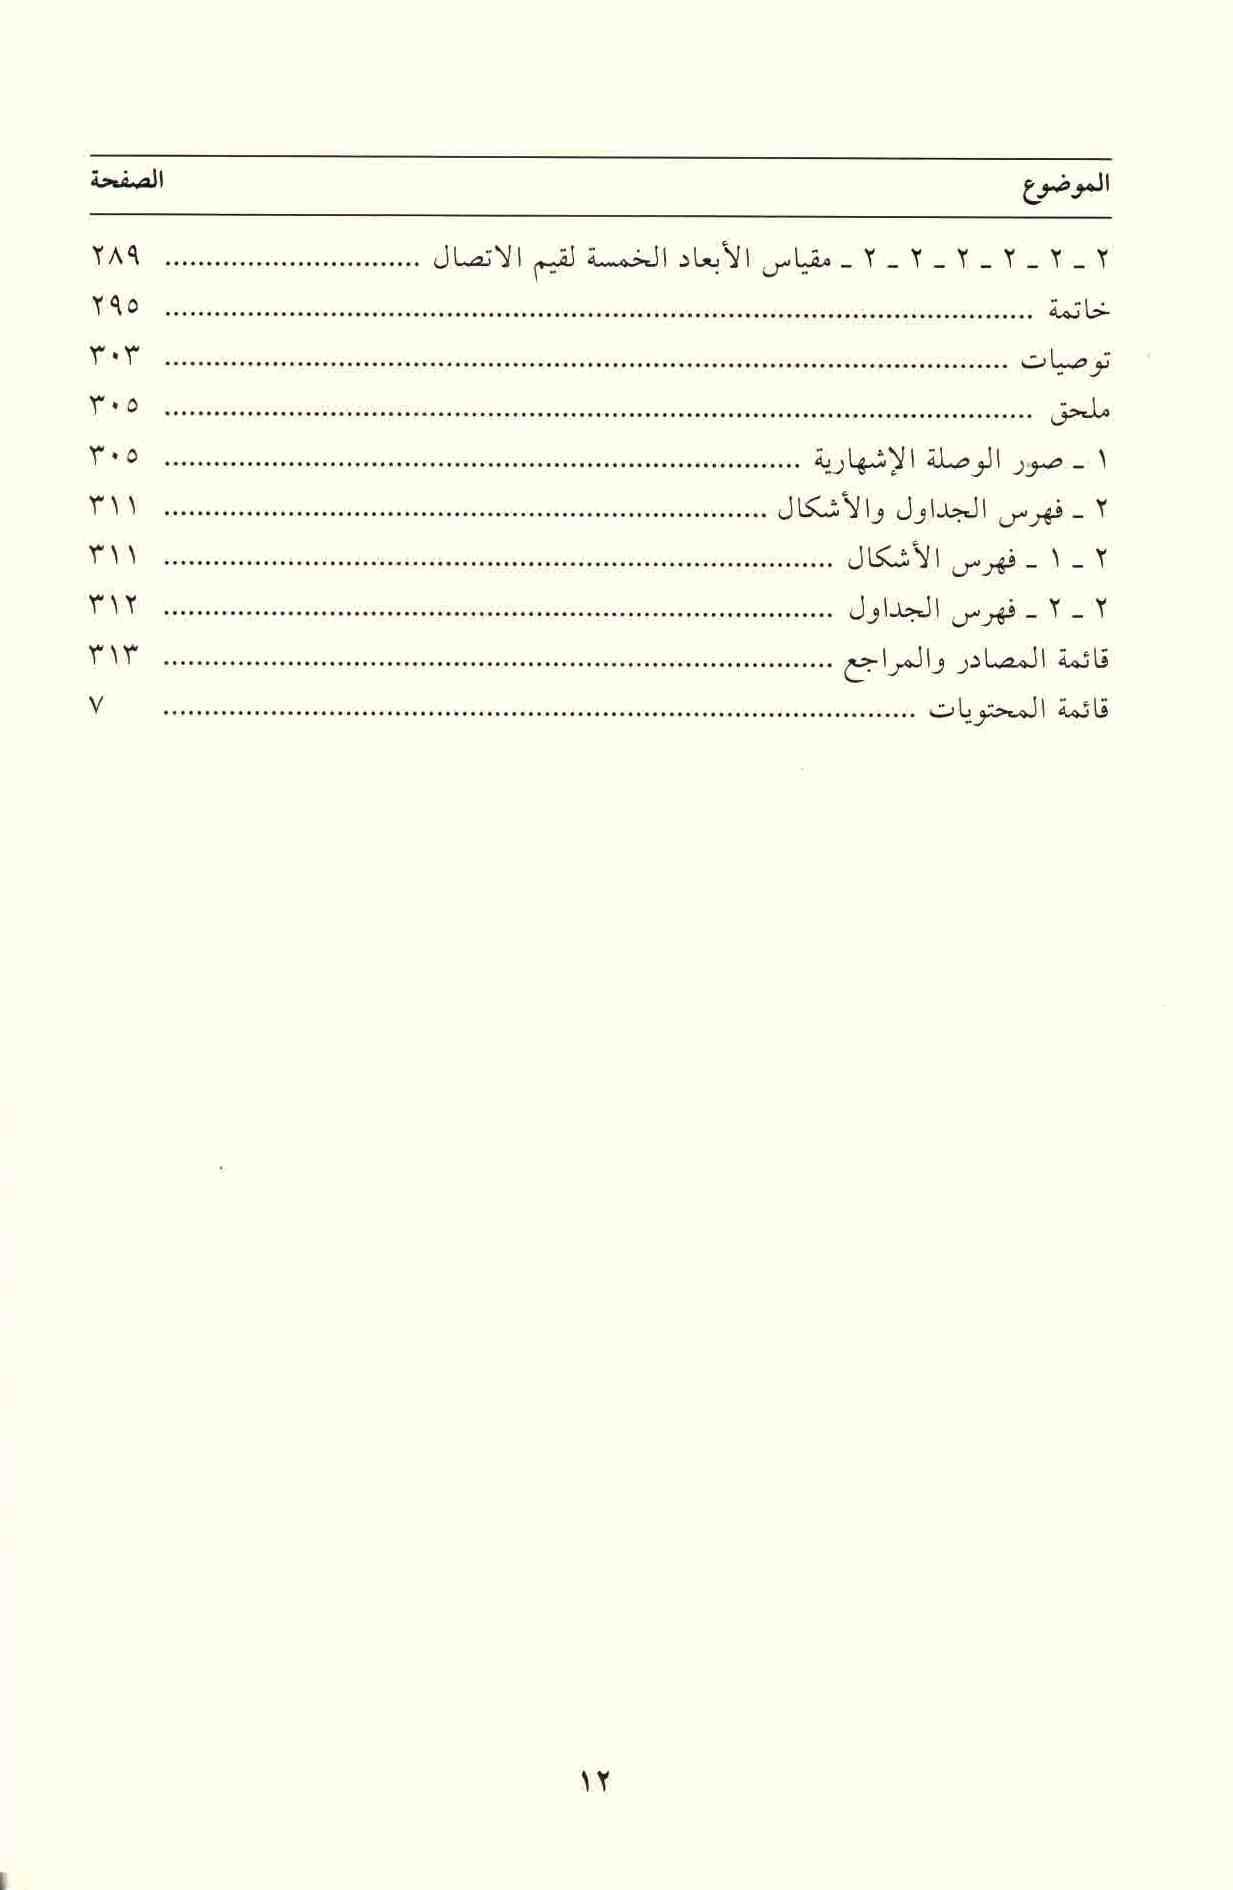 ص12محتويات كتاب الاتصال الجماهيري وسؤال القيم